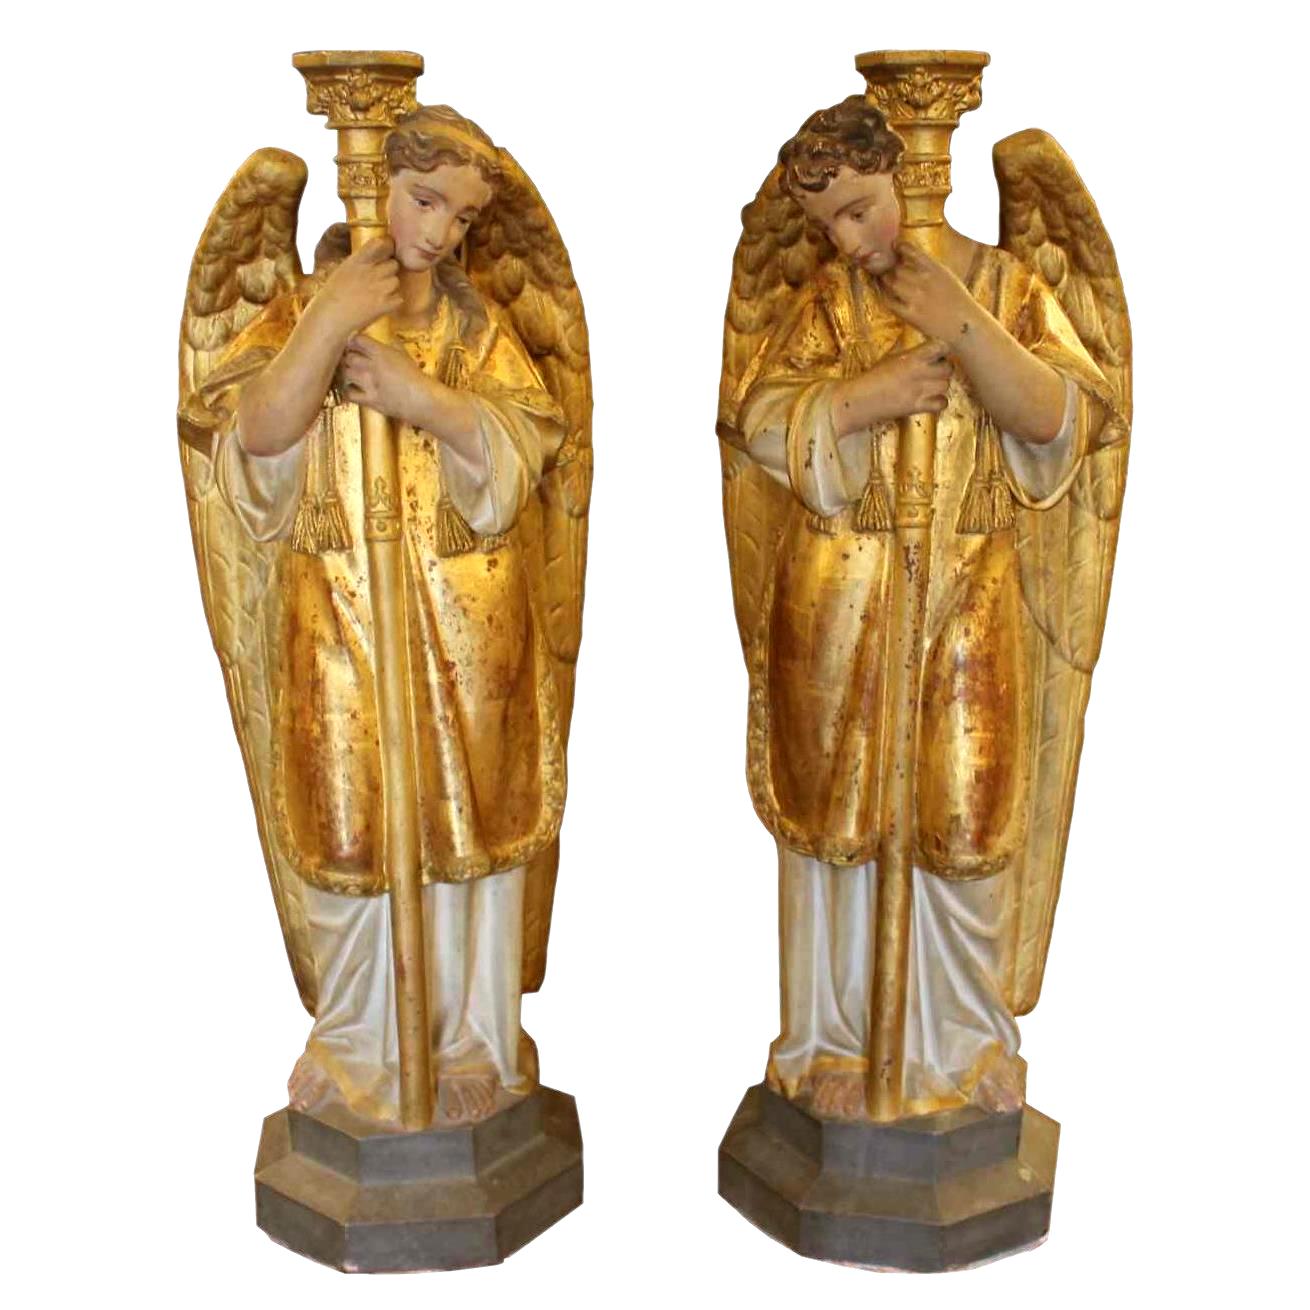 céroféraires пара ангелов в терракотовом, Венето девятнадцатый ЕКСЕ